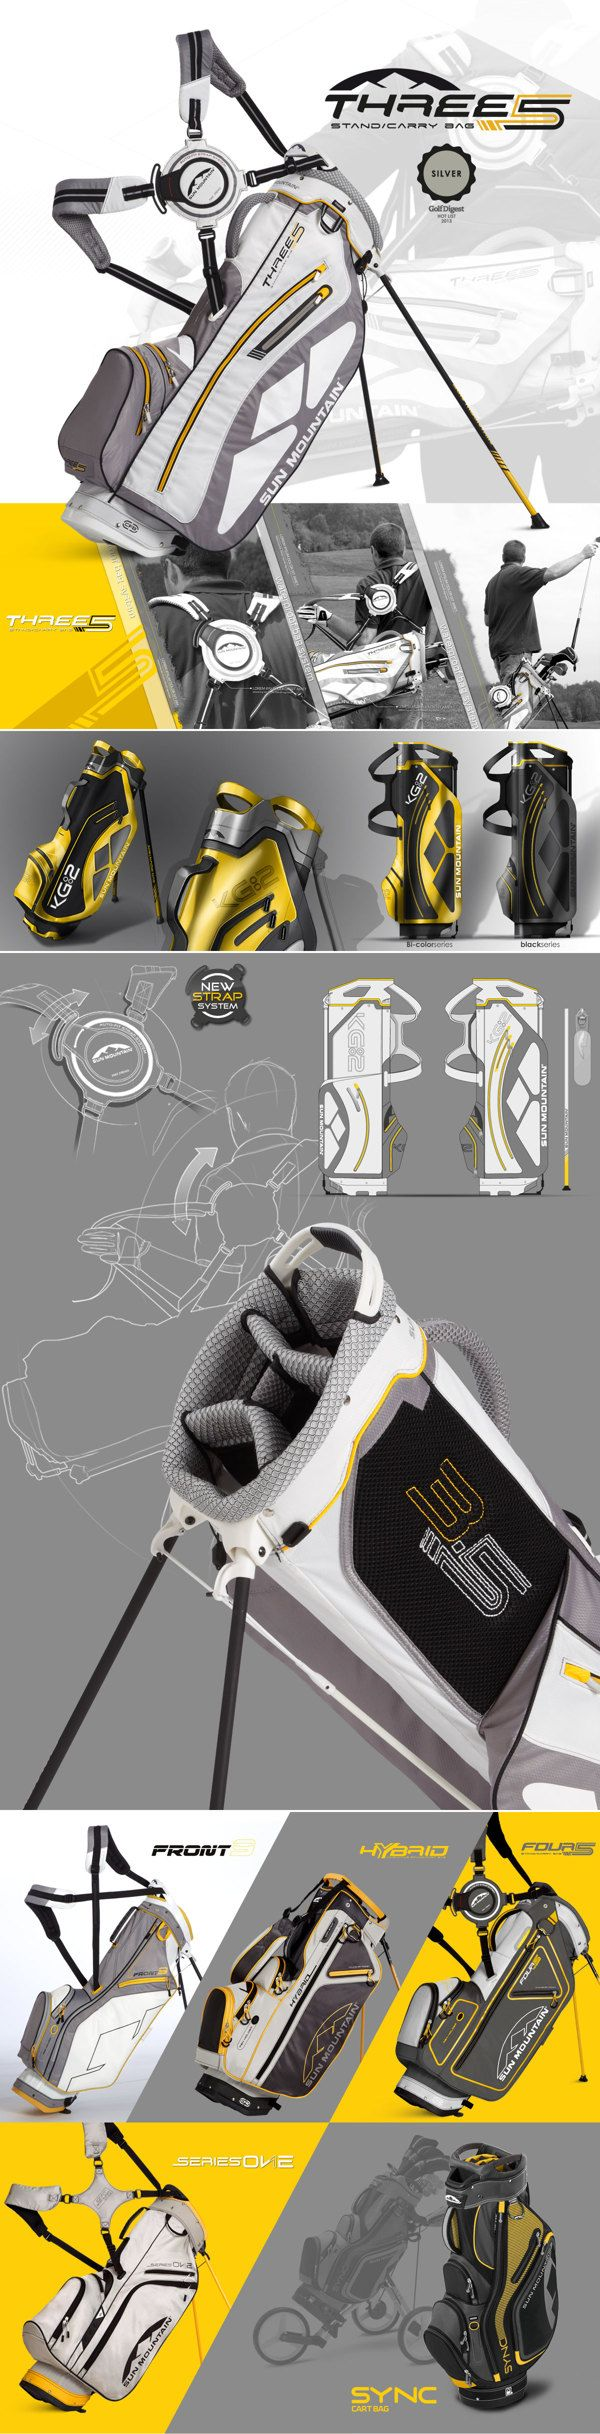 GOLF BAG by IOTA design, via Behance.